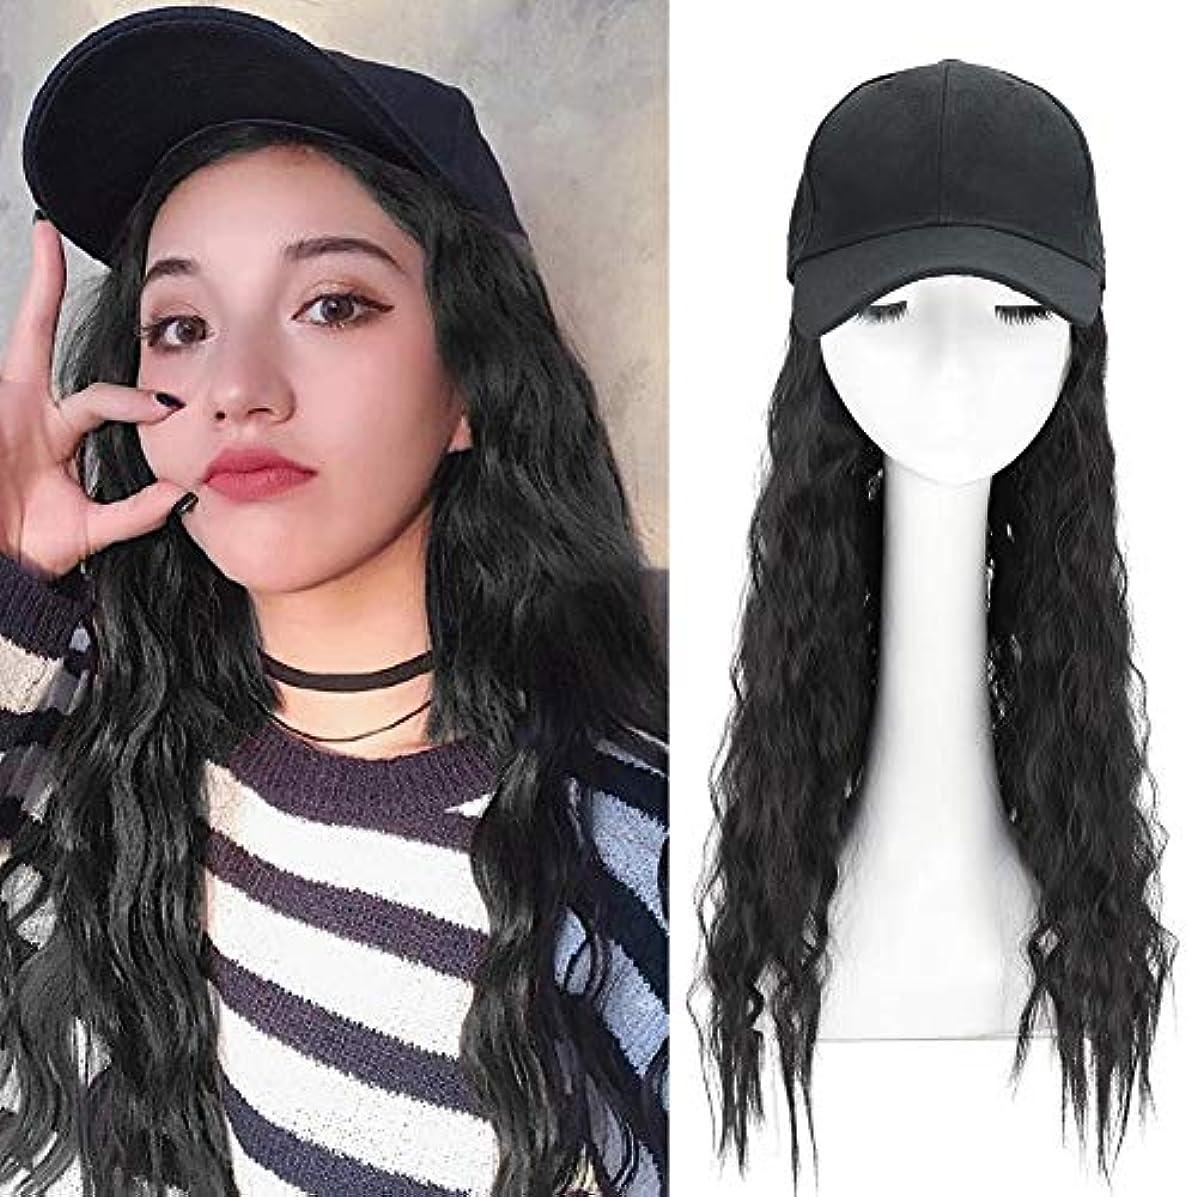 汚染居住者ボウリング長い巻き毛を持つ合成長波野球帽合成毛を持つ波状かつらキャップ女の子のための髪を持つ調整可能な野球帽帽子